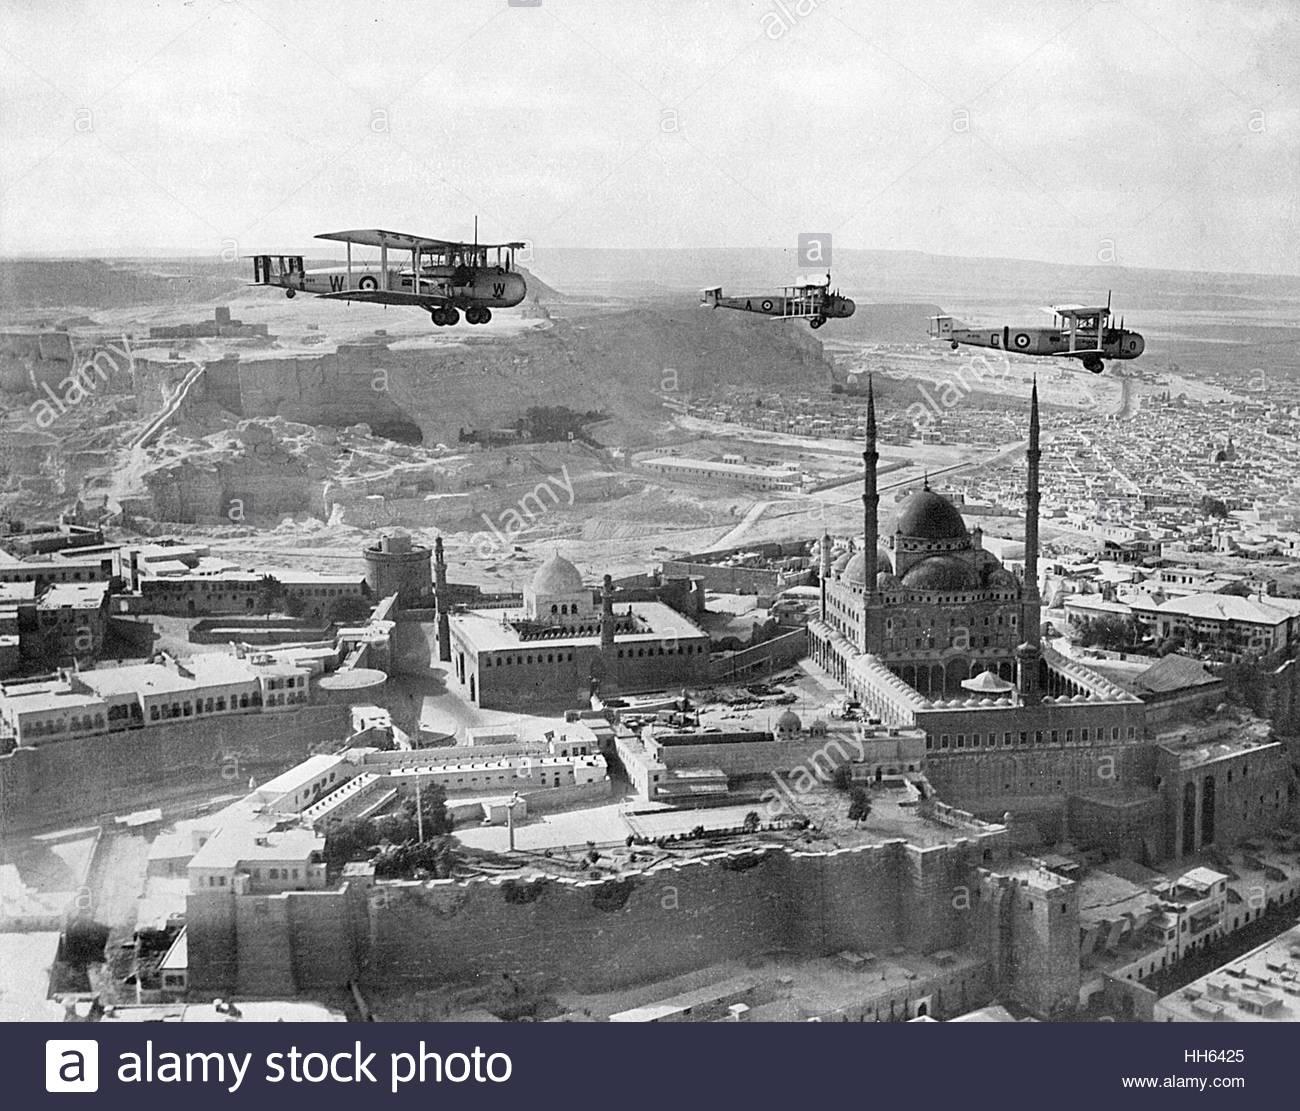 La Cittadella del Cairo e la Moschea di Mohamed Ali, Egitto, con piani di RAF flying overhead. Immagini Stock